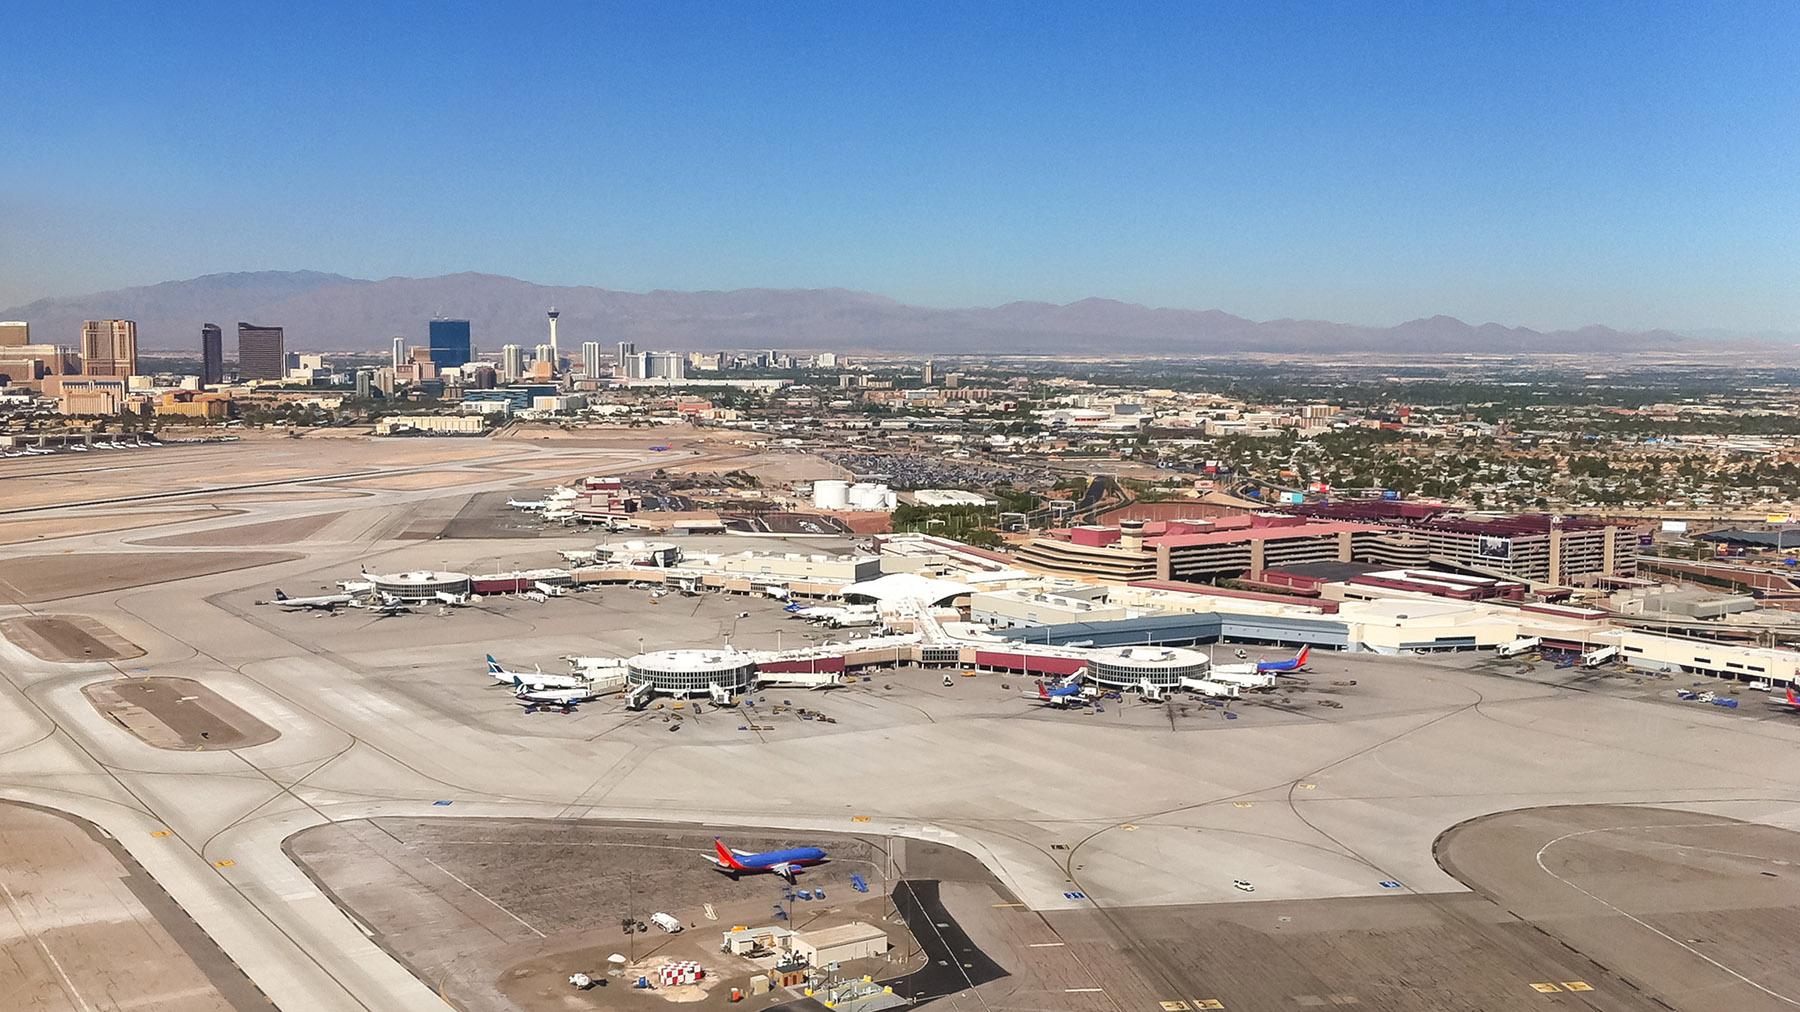 Las Vegas, McCarran Airport, Central Utility Plant, Transportation